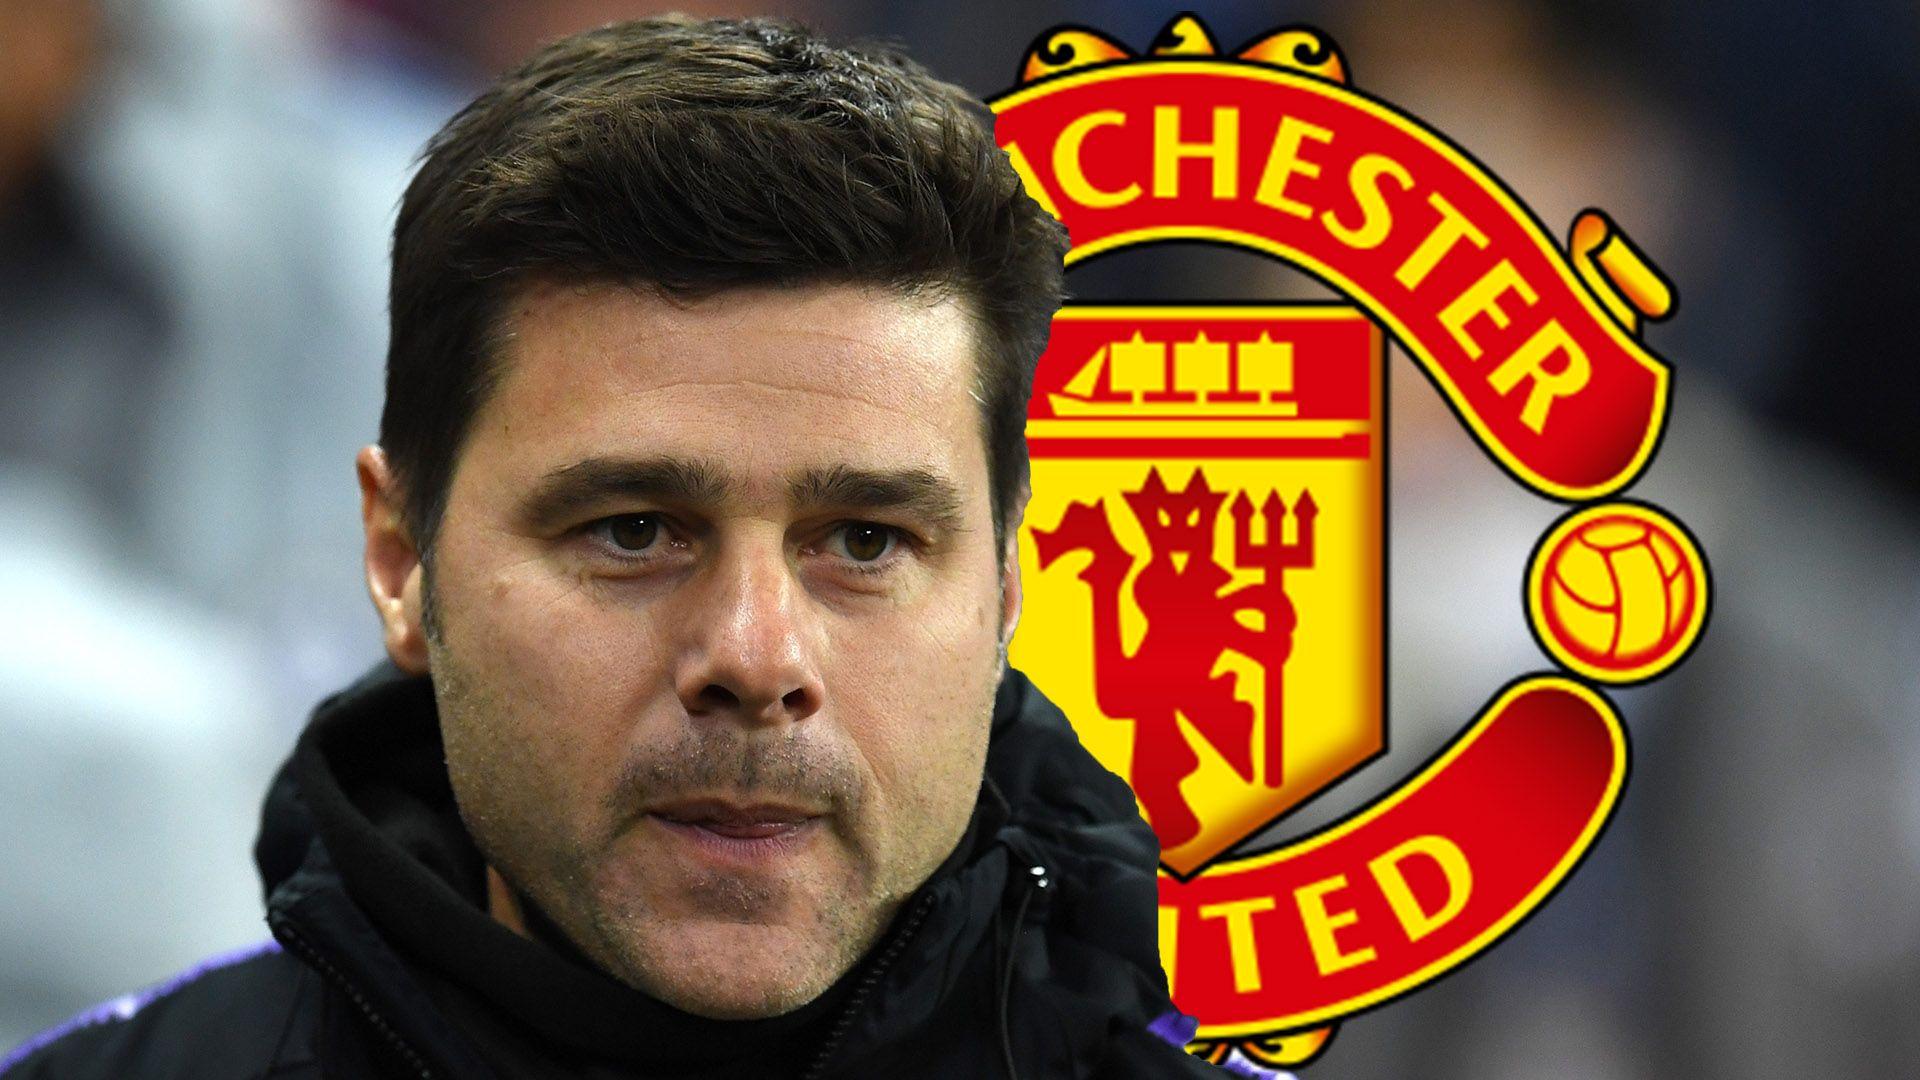 Vì sao Tottenham Hotspur bất ngờ sa sút và nó dẫn đến điều gì? - Bóng Đá